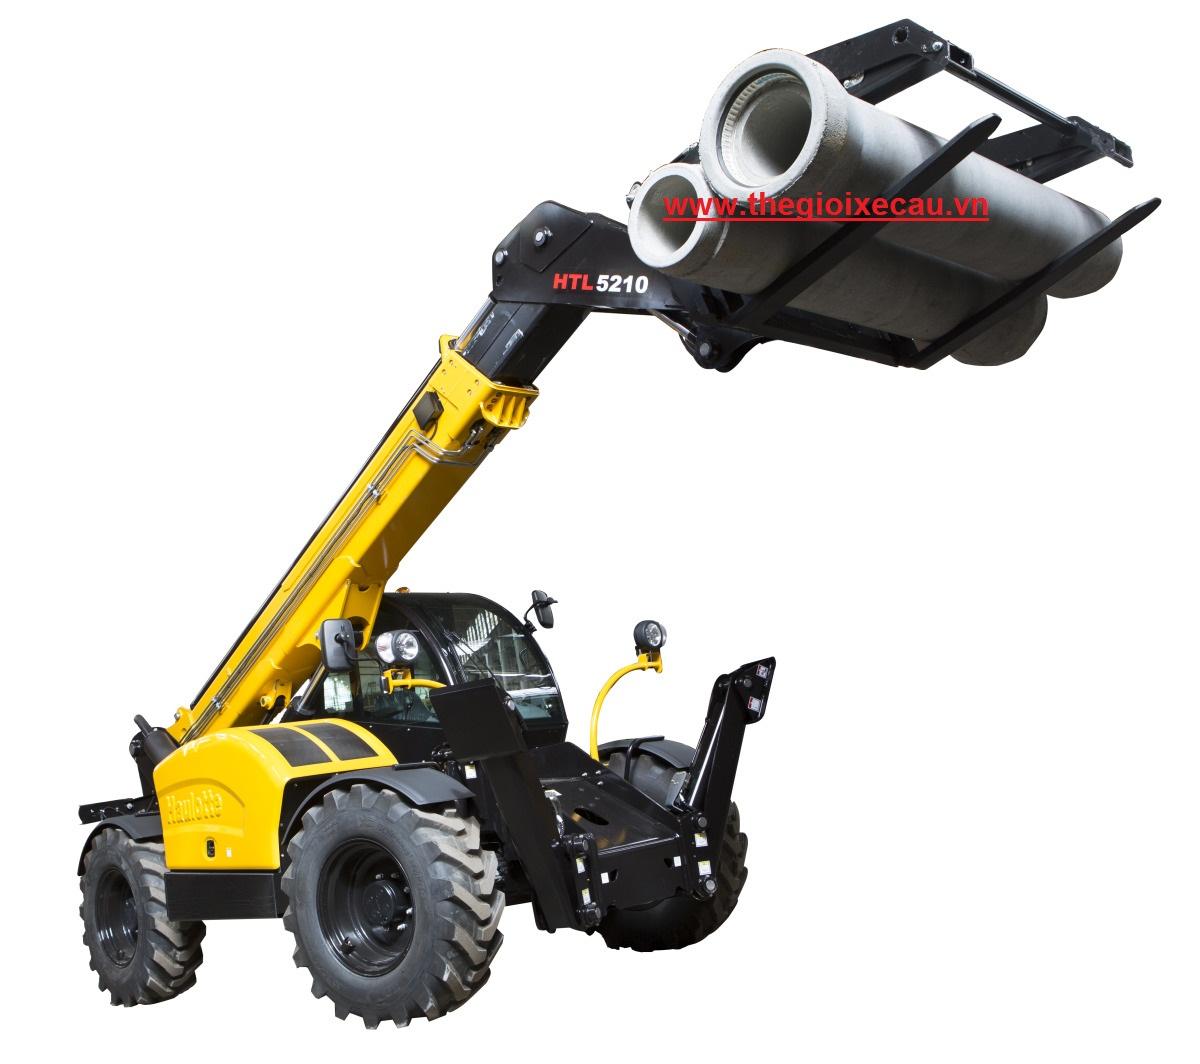 Bán xe nâng thay đổi tầm vươn 5 tấn Haulotte